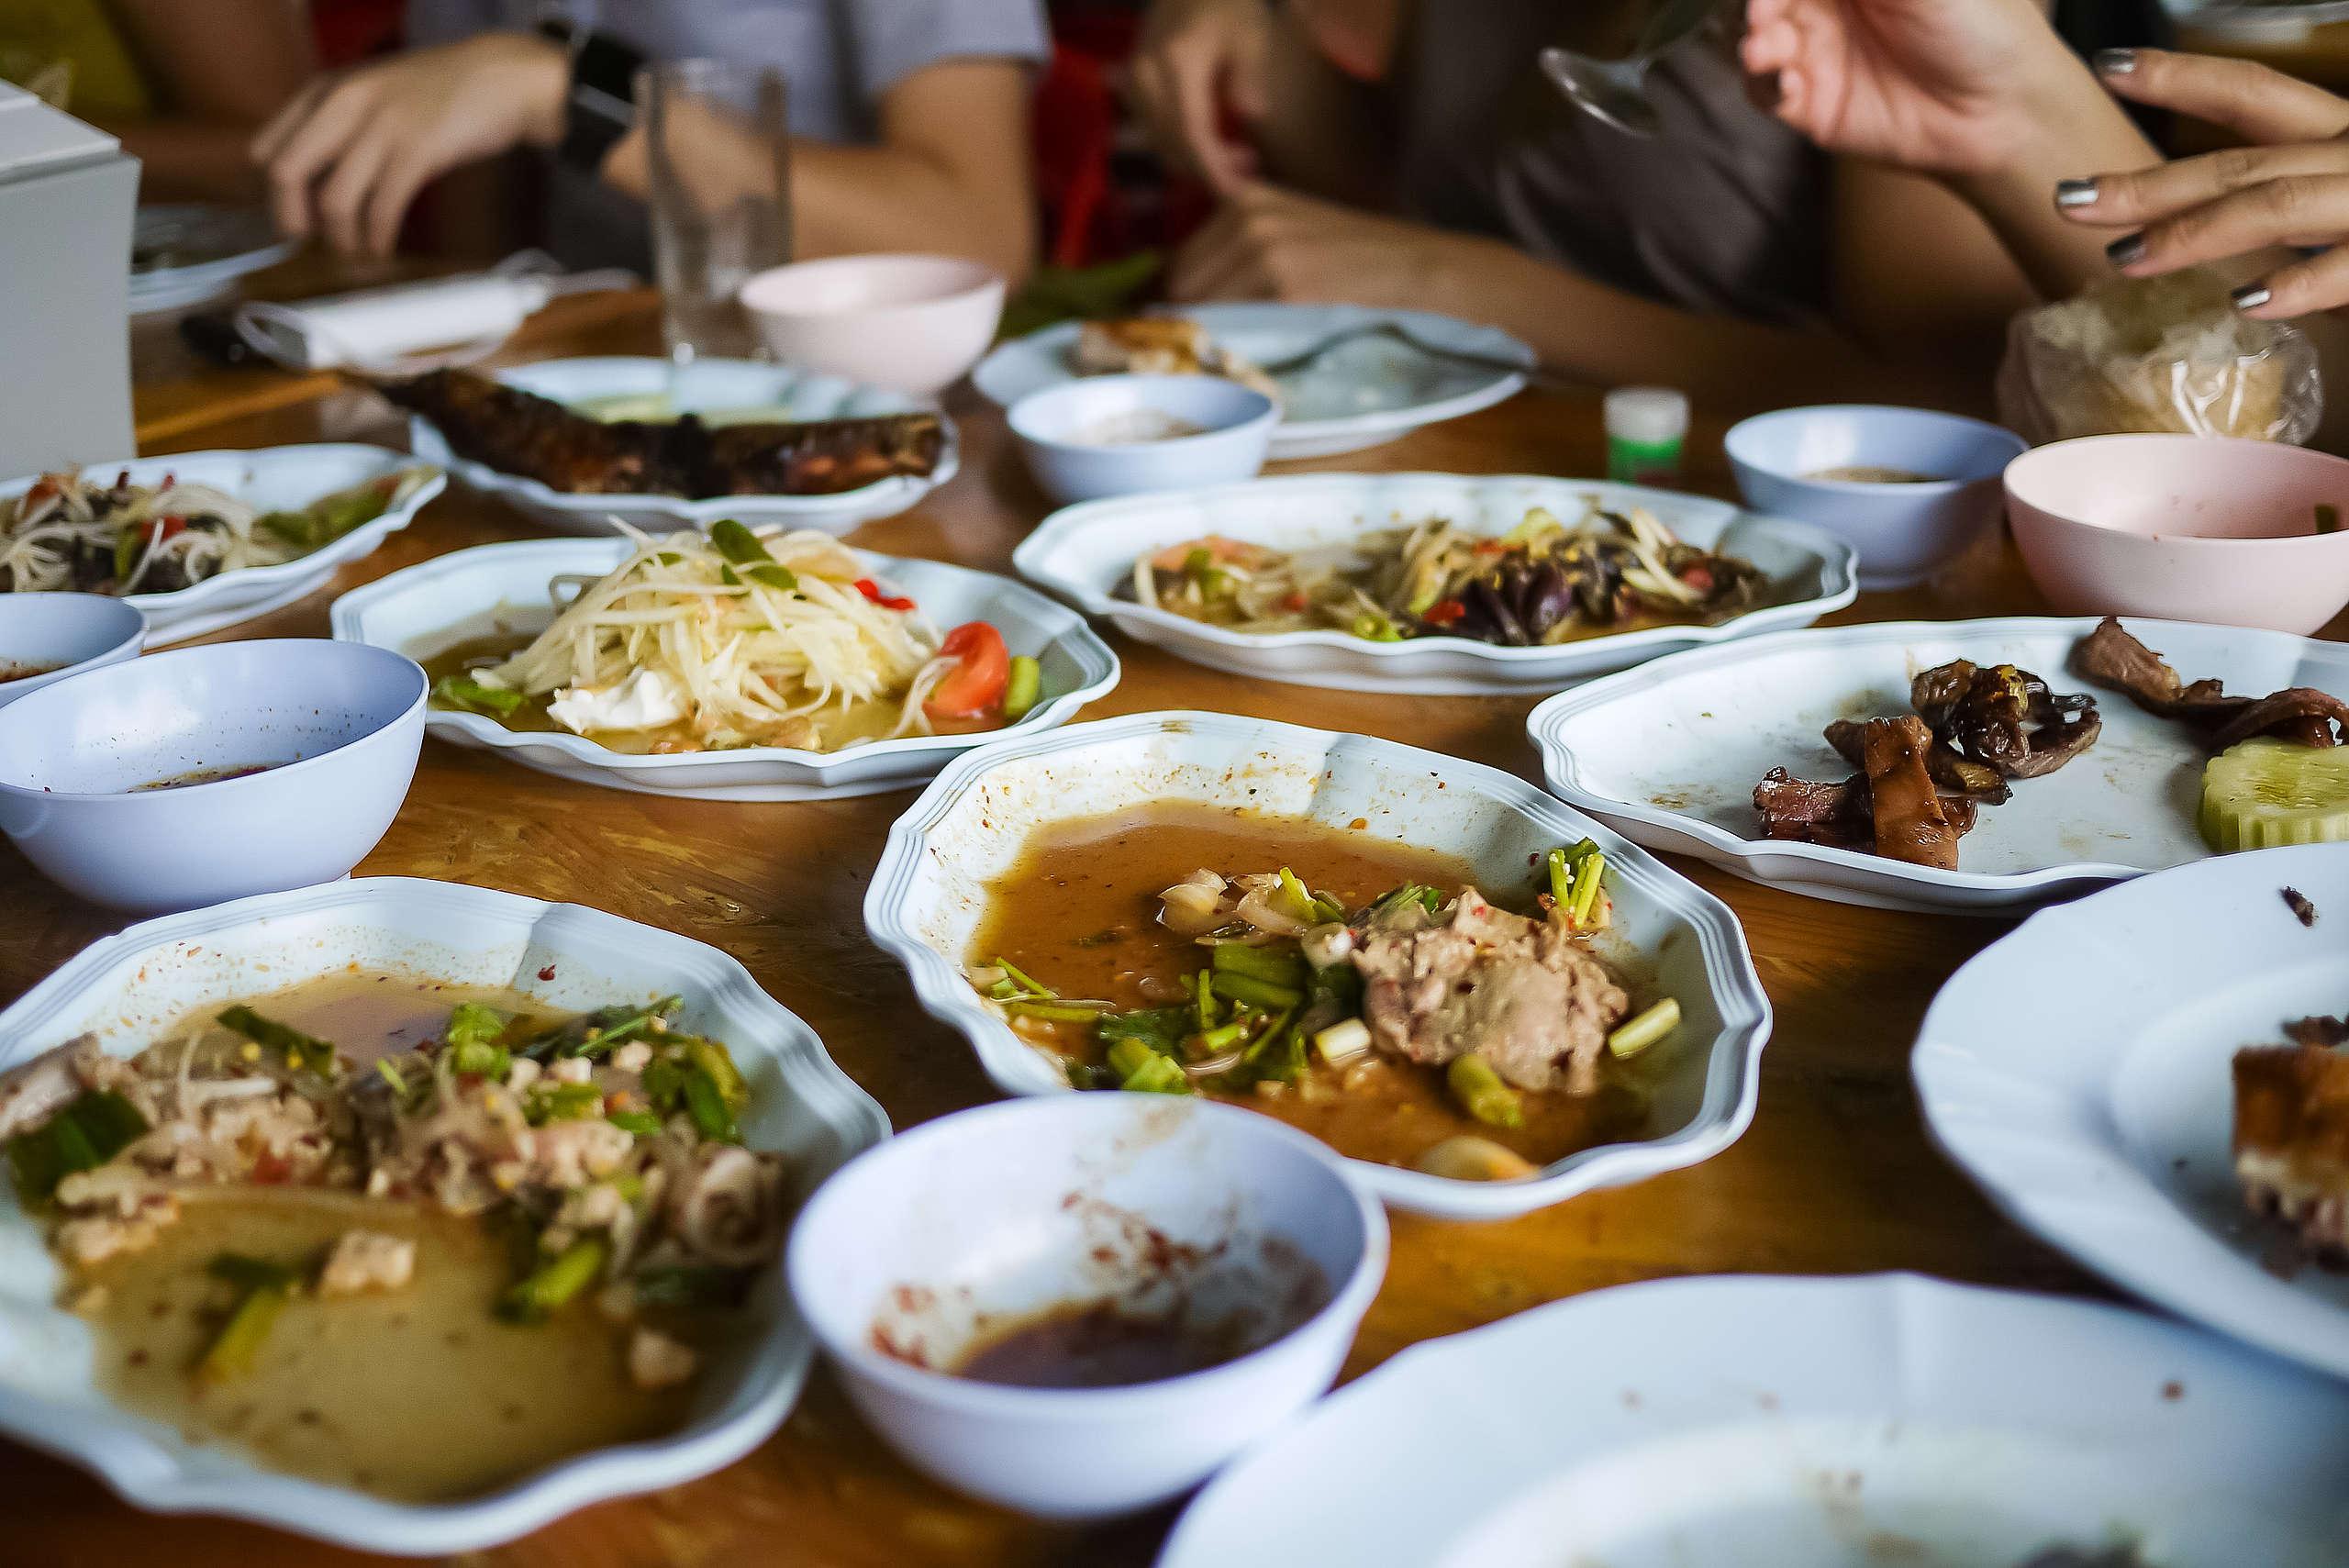 全世界每年約有 13 億噸食物被丟棄或浪費,其中逾 5 成的食物浪費集中在餐廳及消費者端。